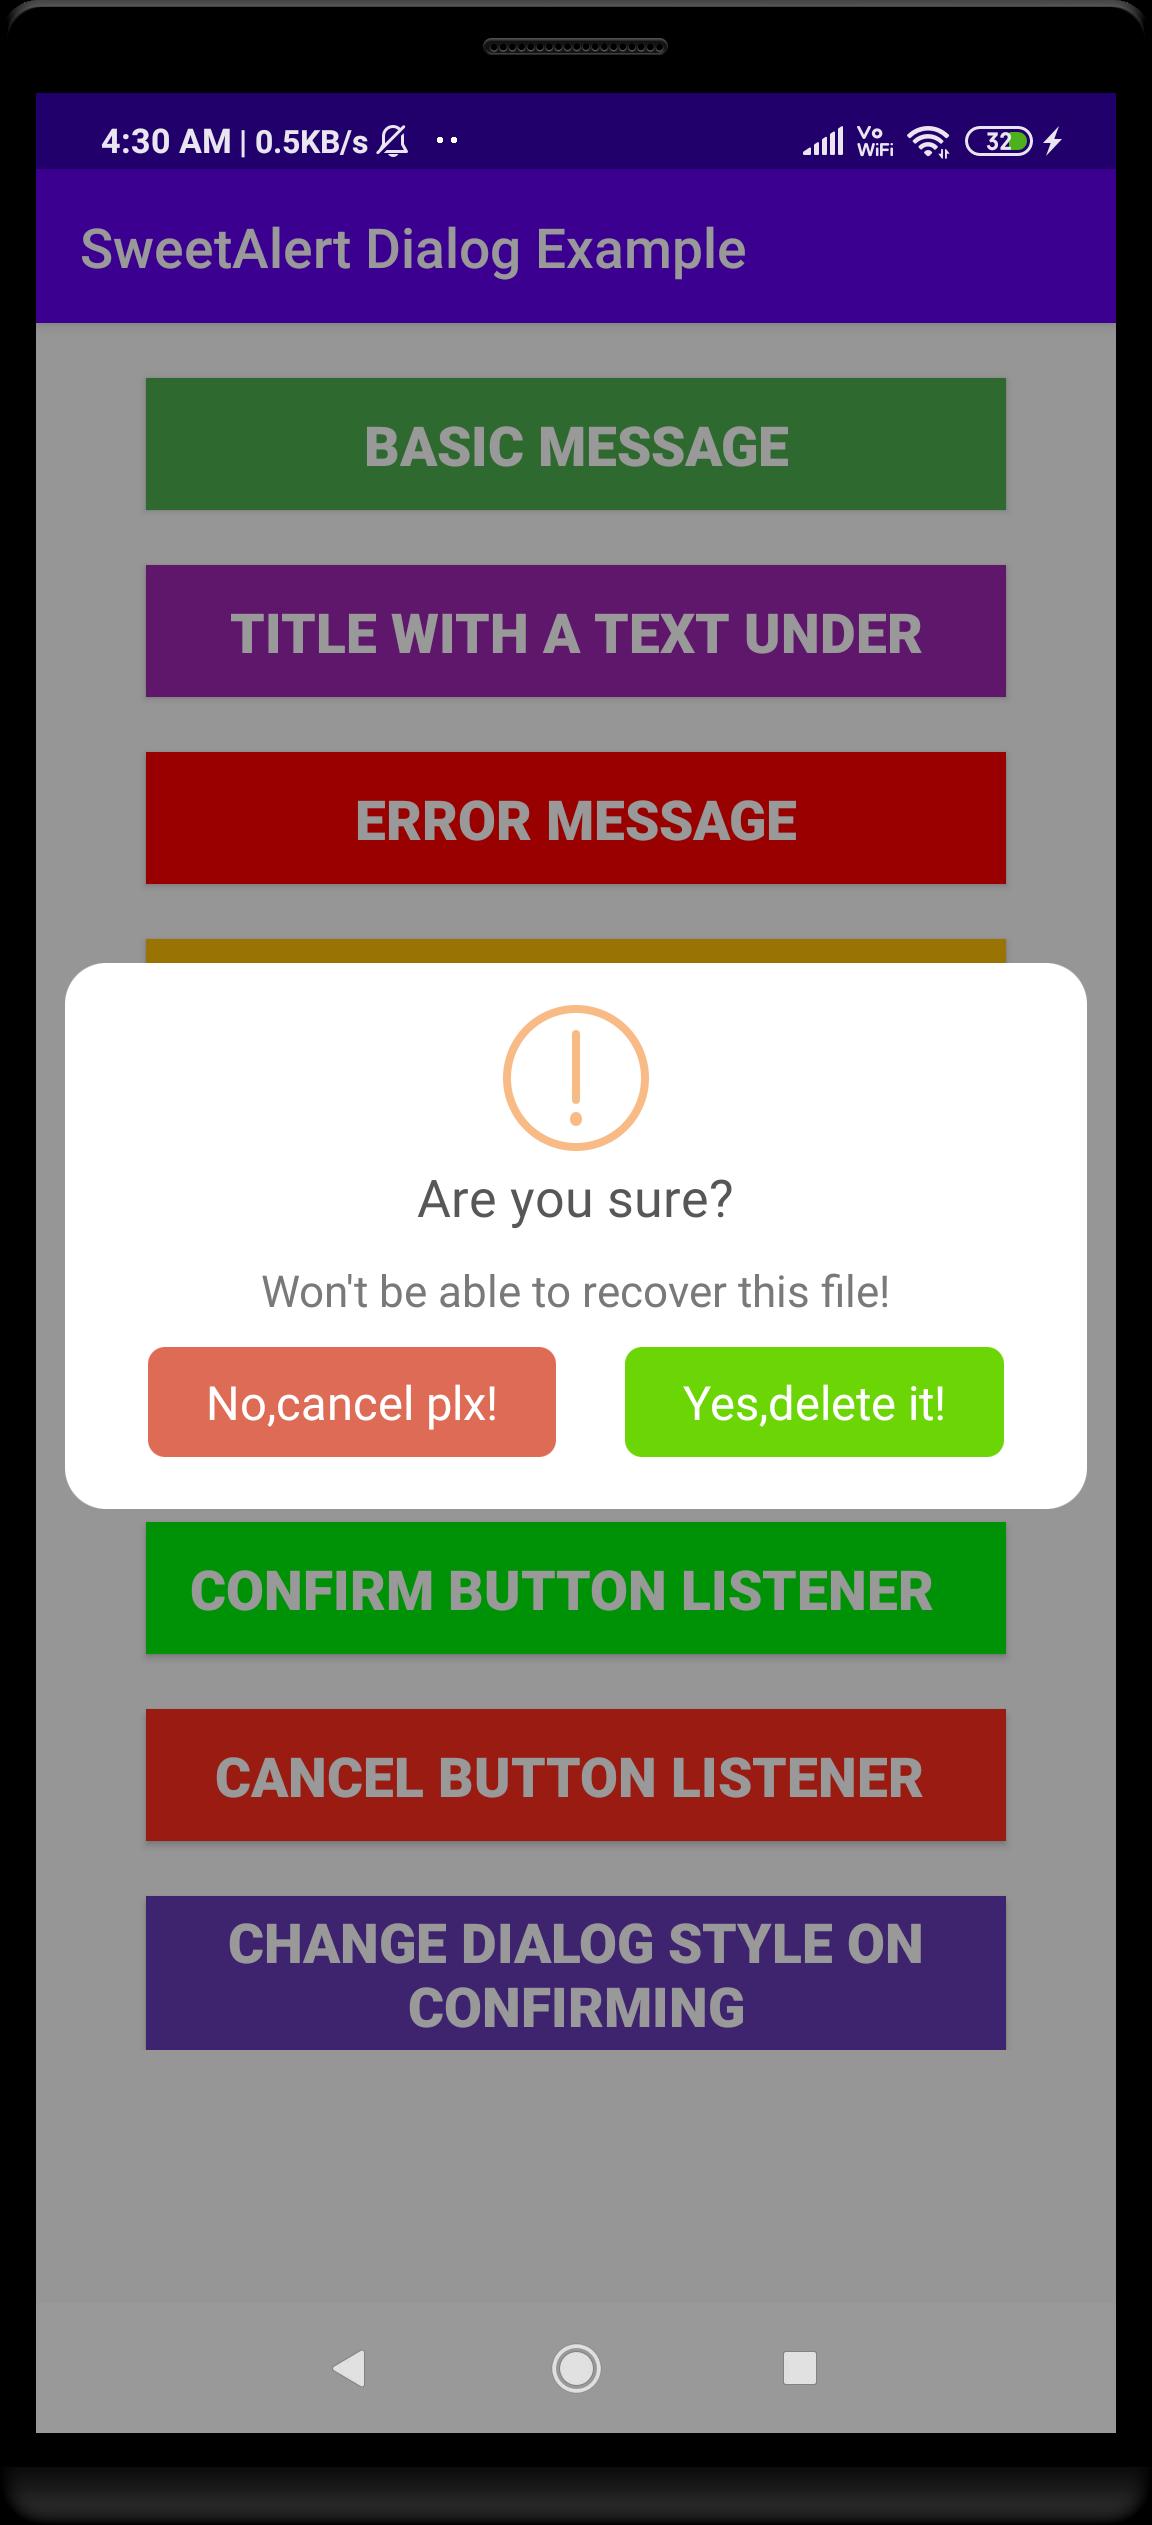 Alert Dialog Using SweetAlert Dialog in Android App